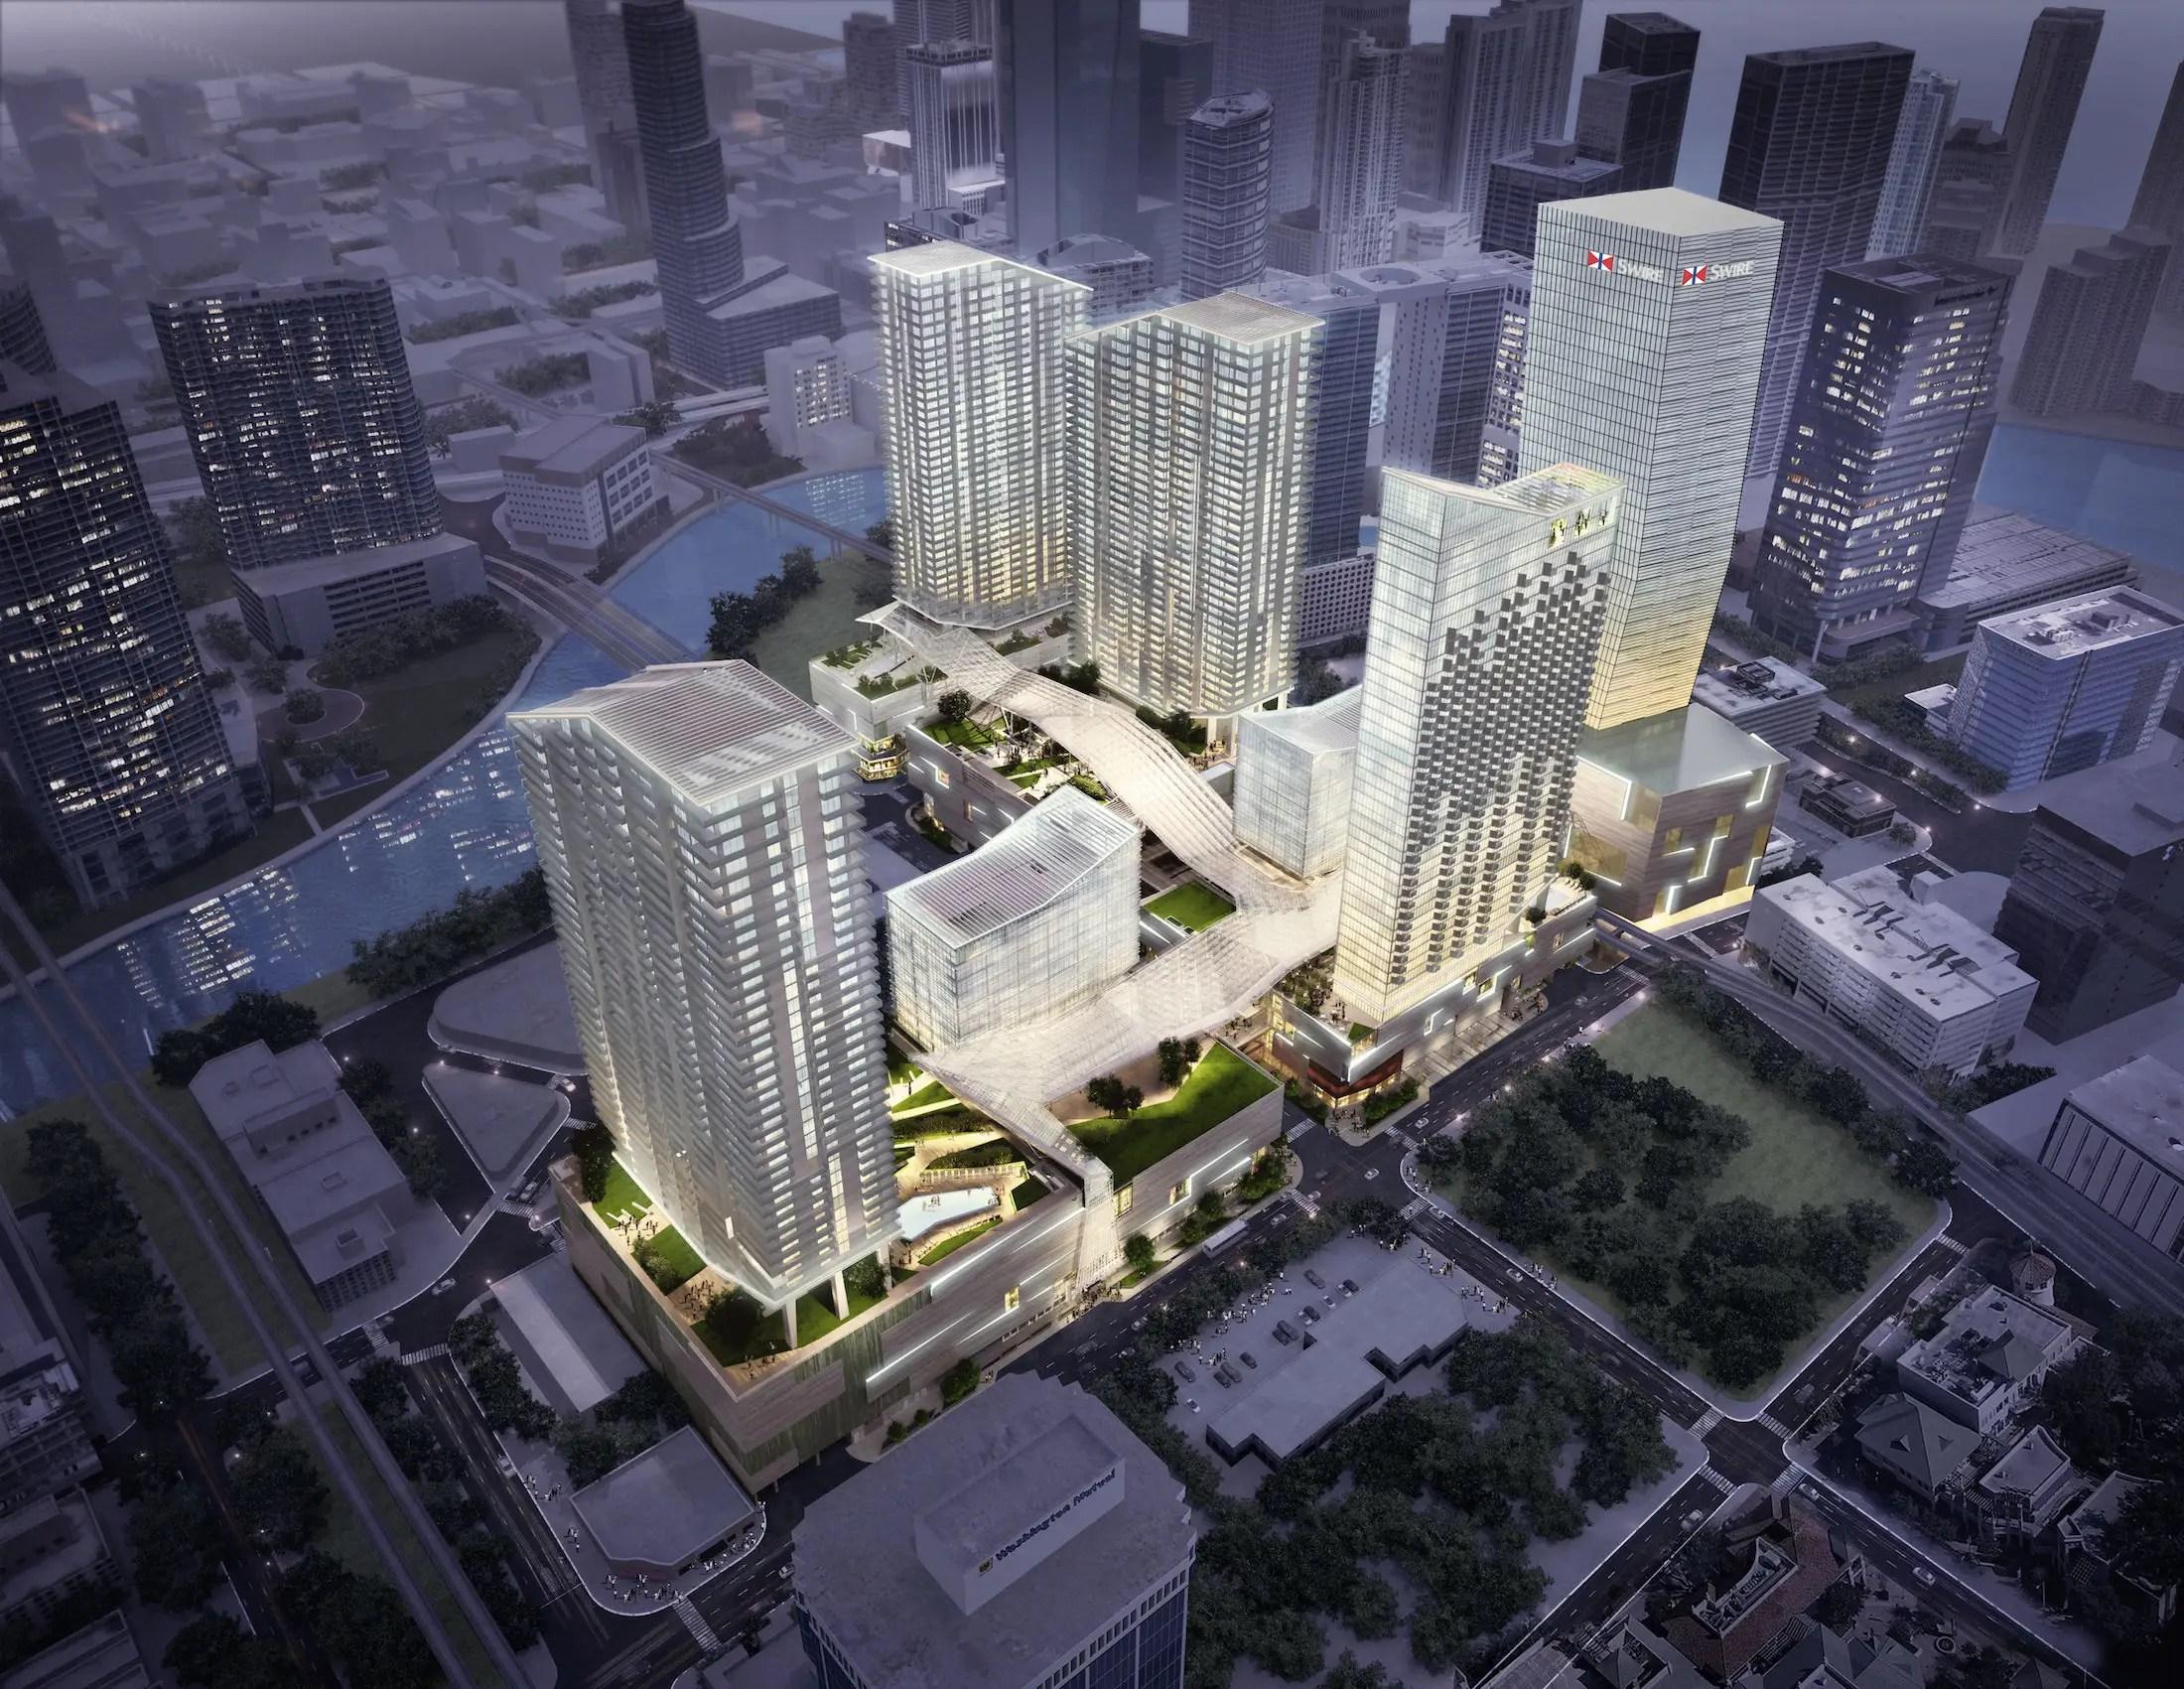 Brickell City Centre in Miami, Florida.